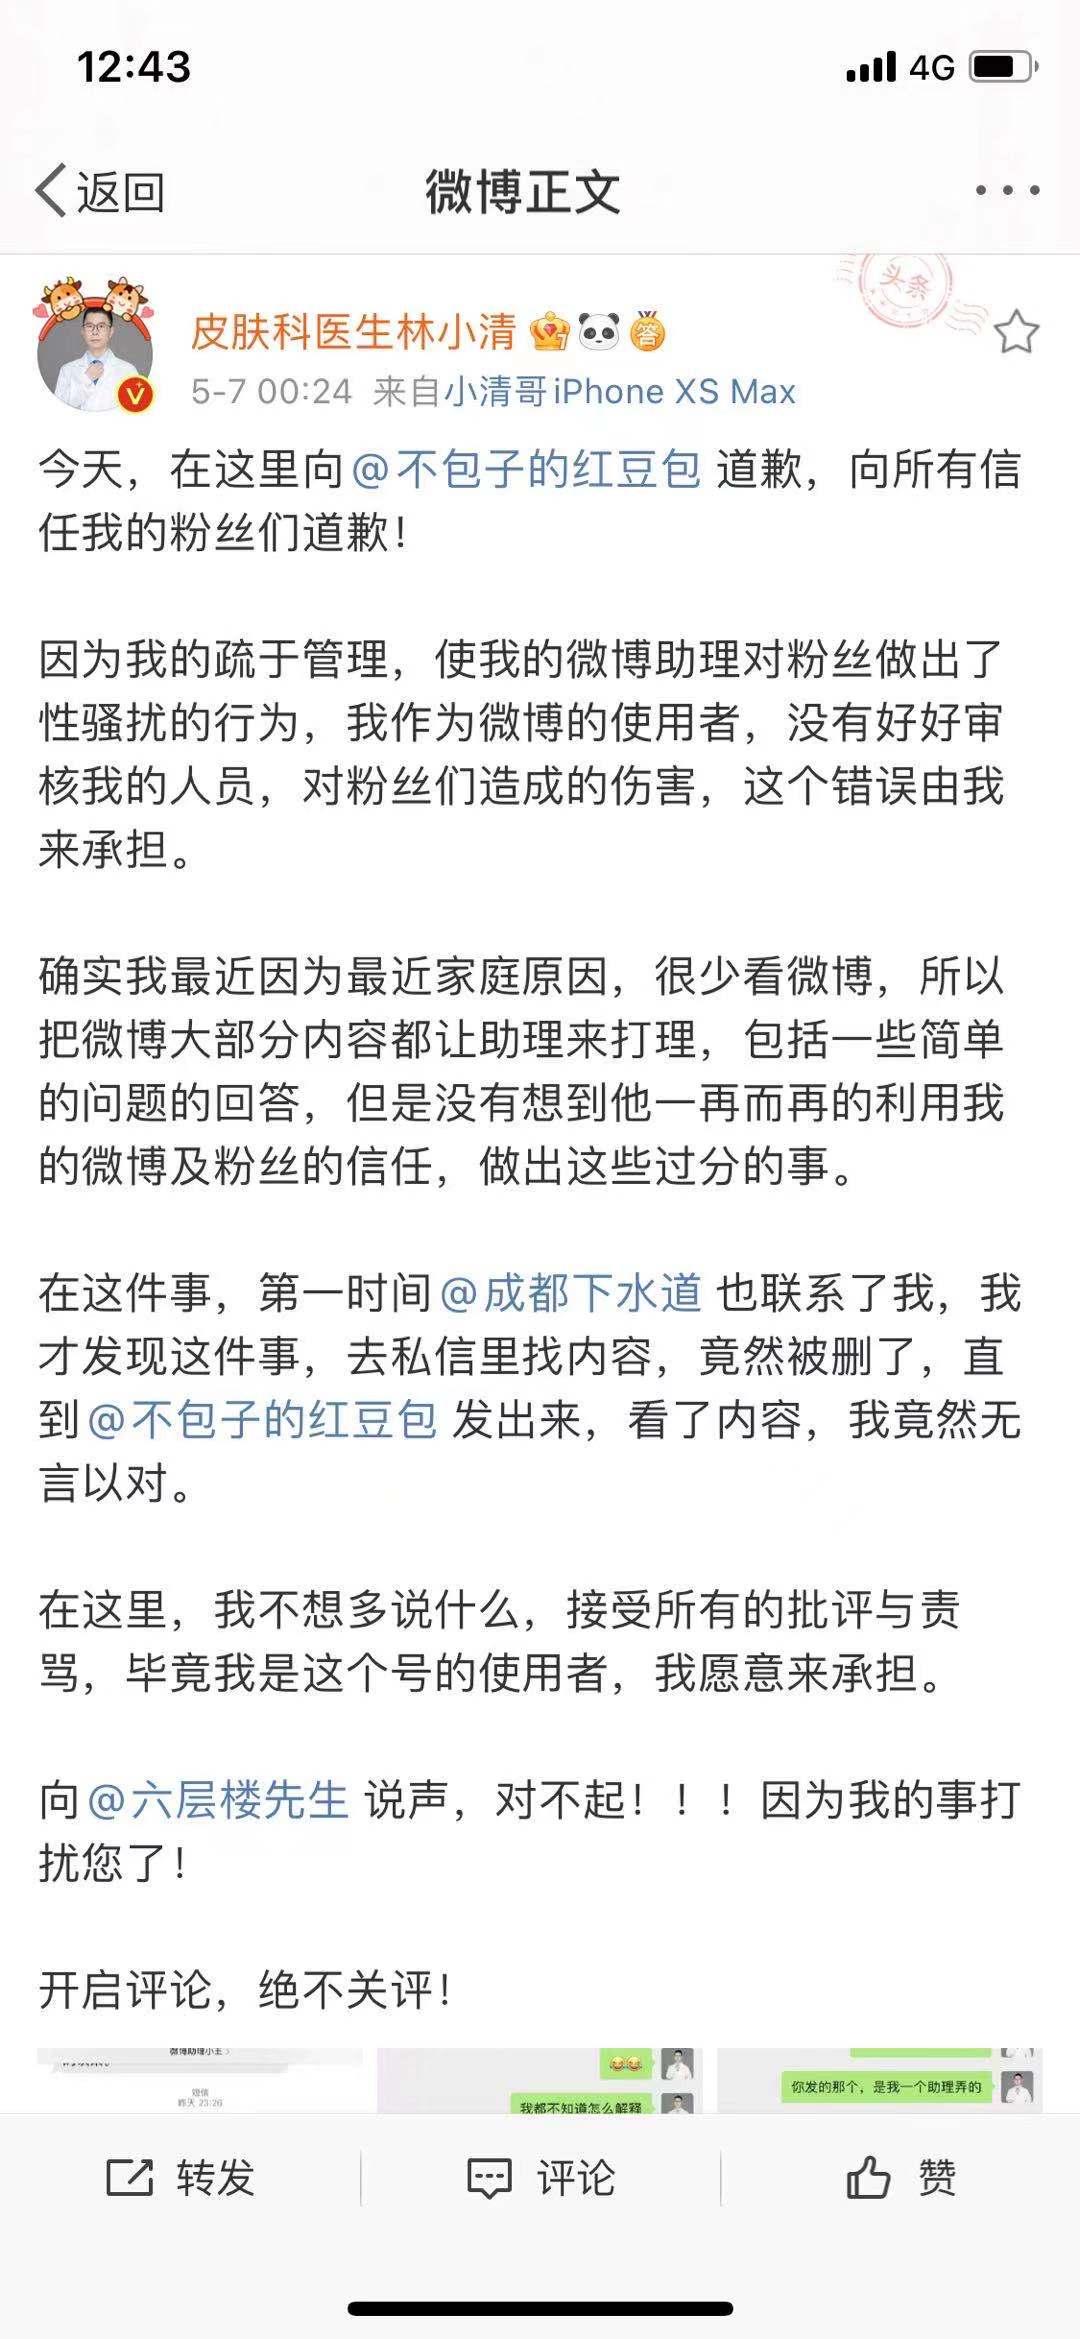 皮肤科医生林小清道歉 来源:微博截图